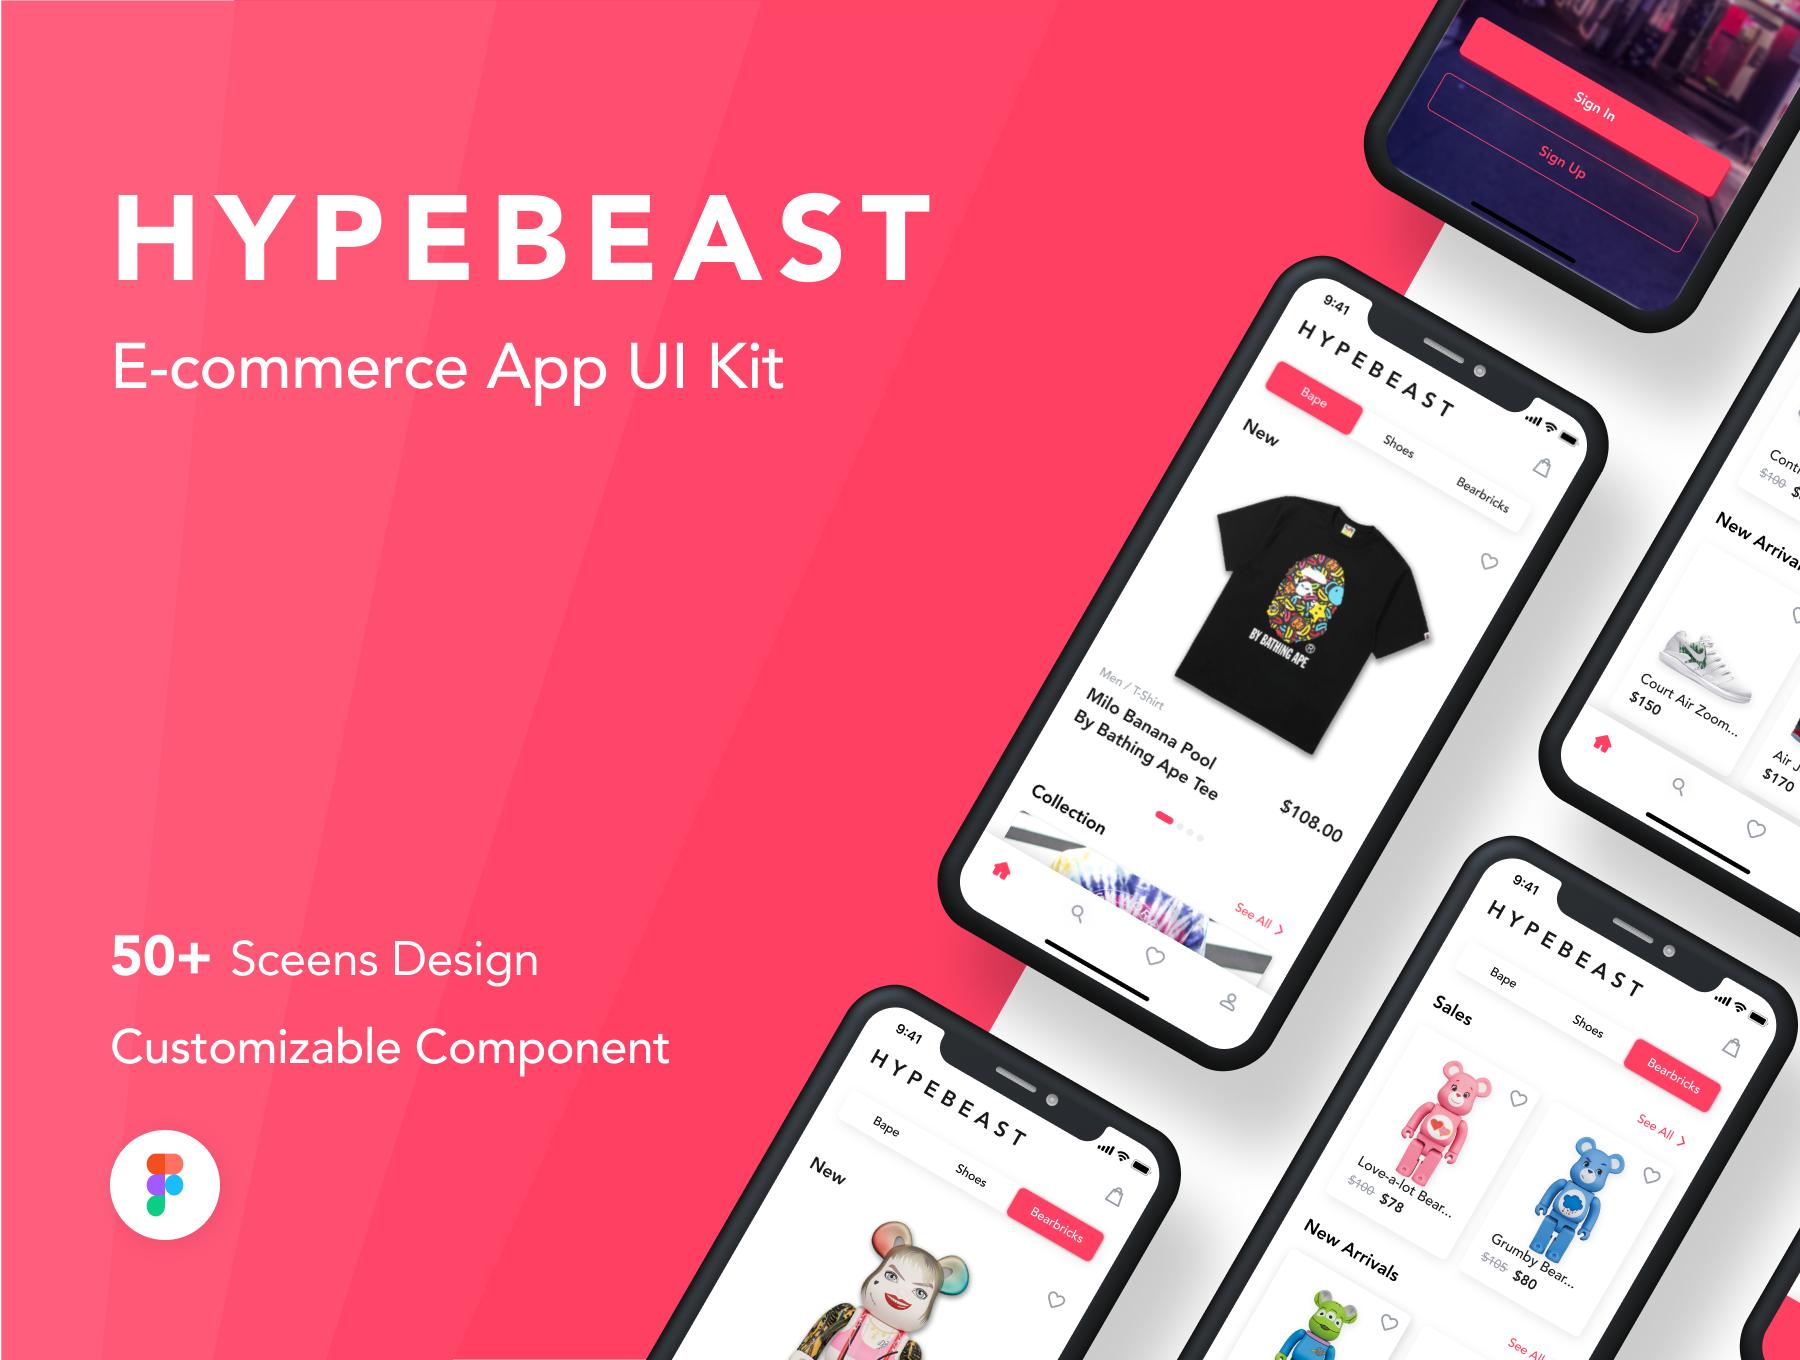 在线购物电子商务应用程序APP UI套件FIG模板 HypeBeast – E-commerce App UI Kit插图